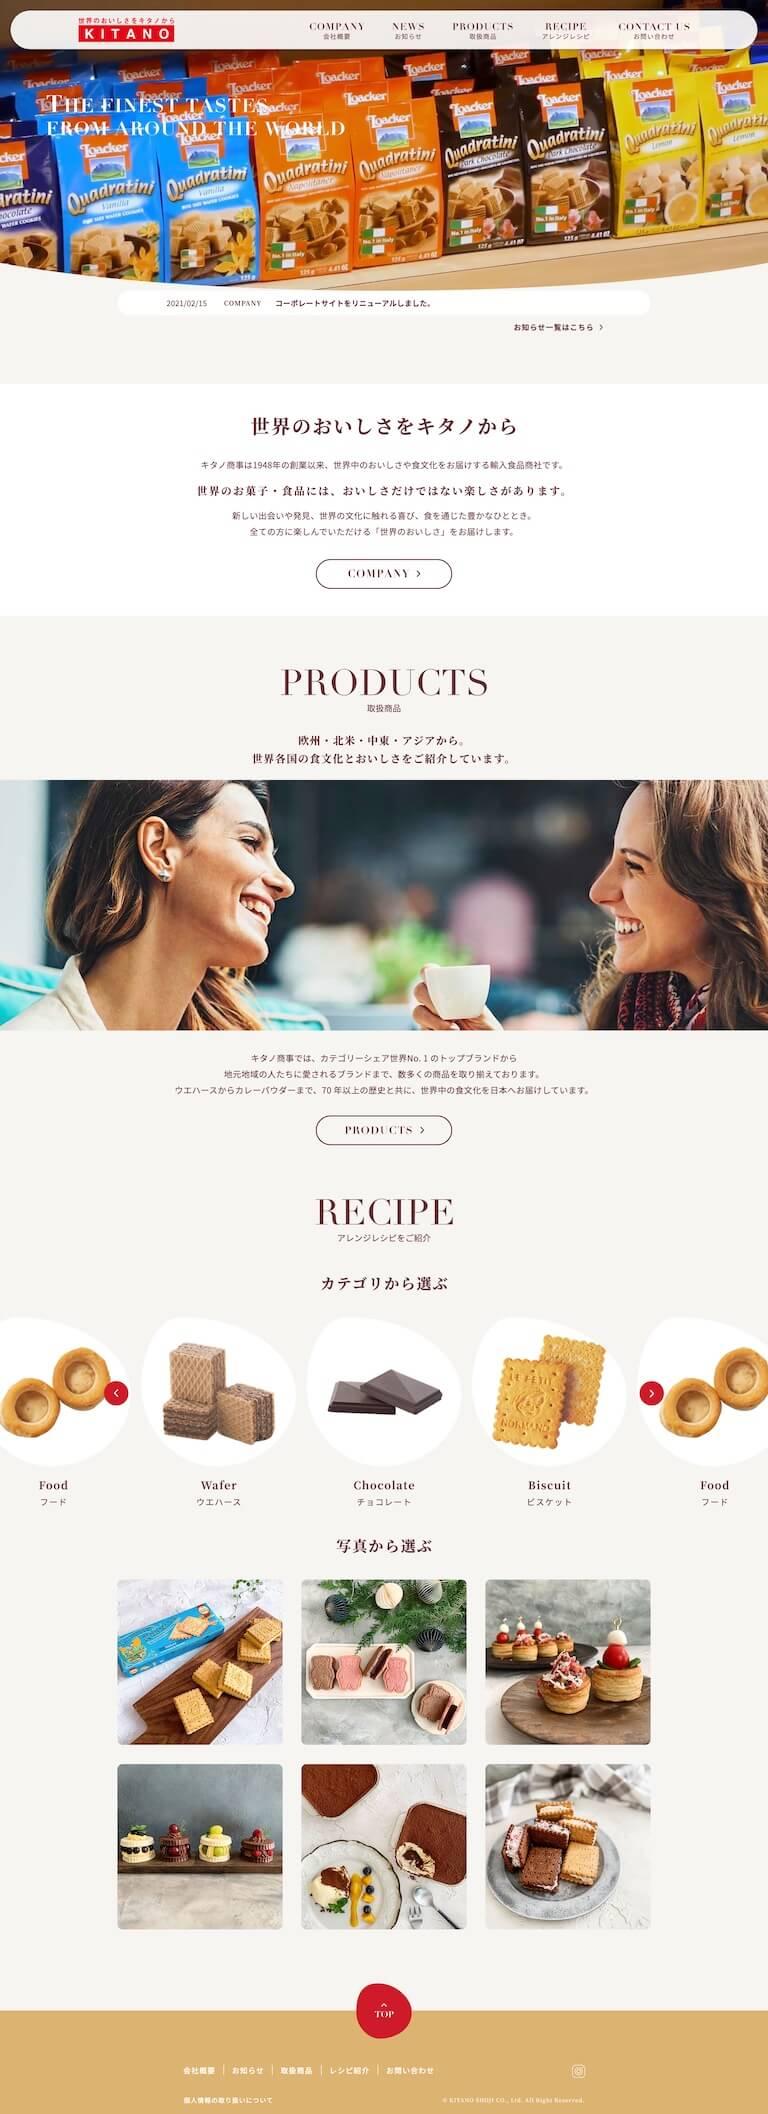 キタノ商事様コーポレートサイト:PCキャプチャ画像